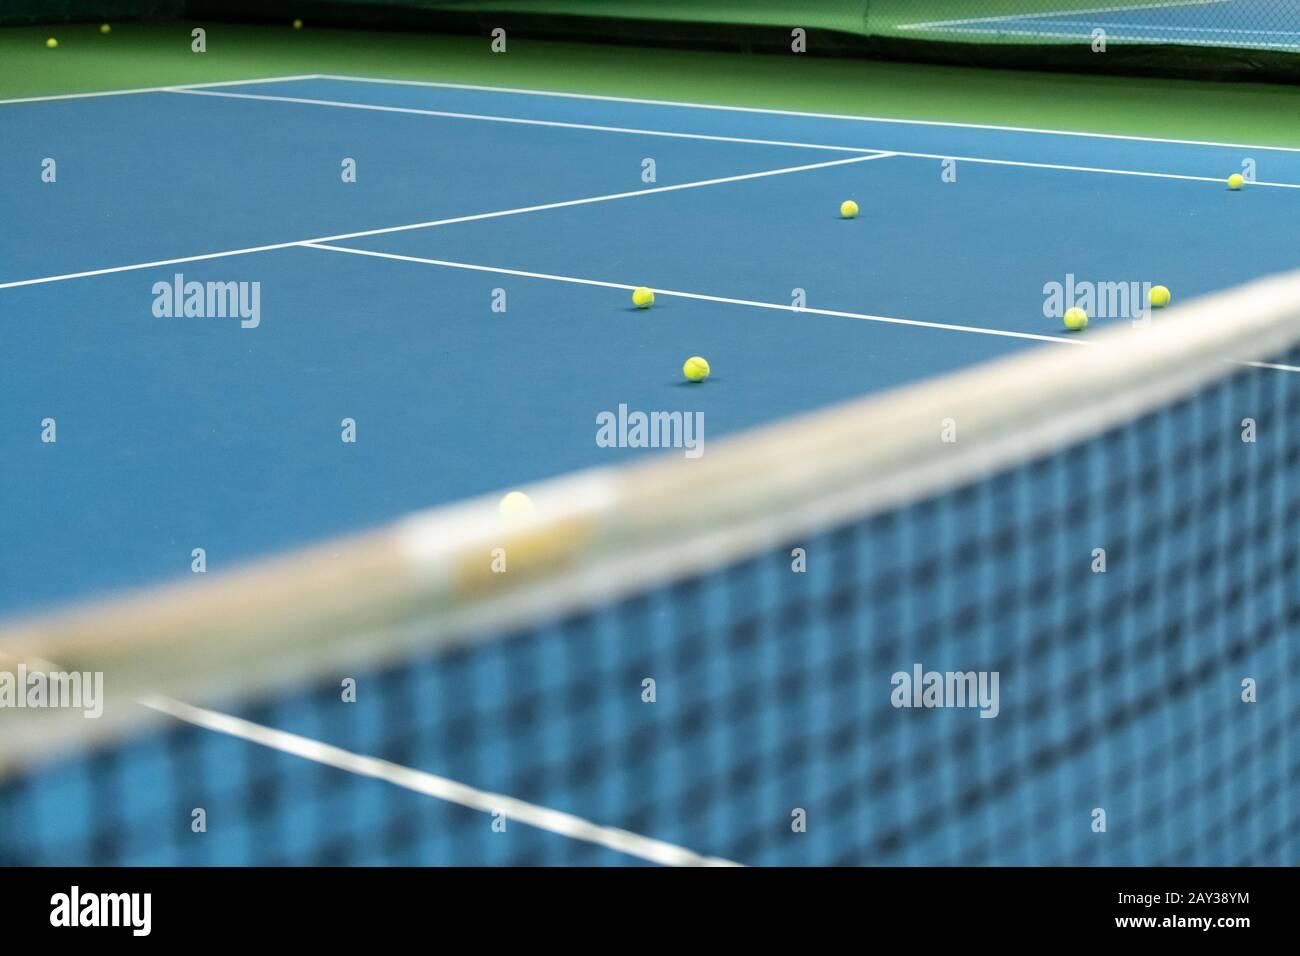 Pista de tenis con pelotas Foto de stock